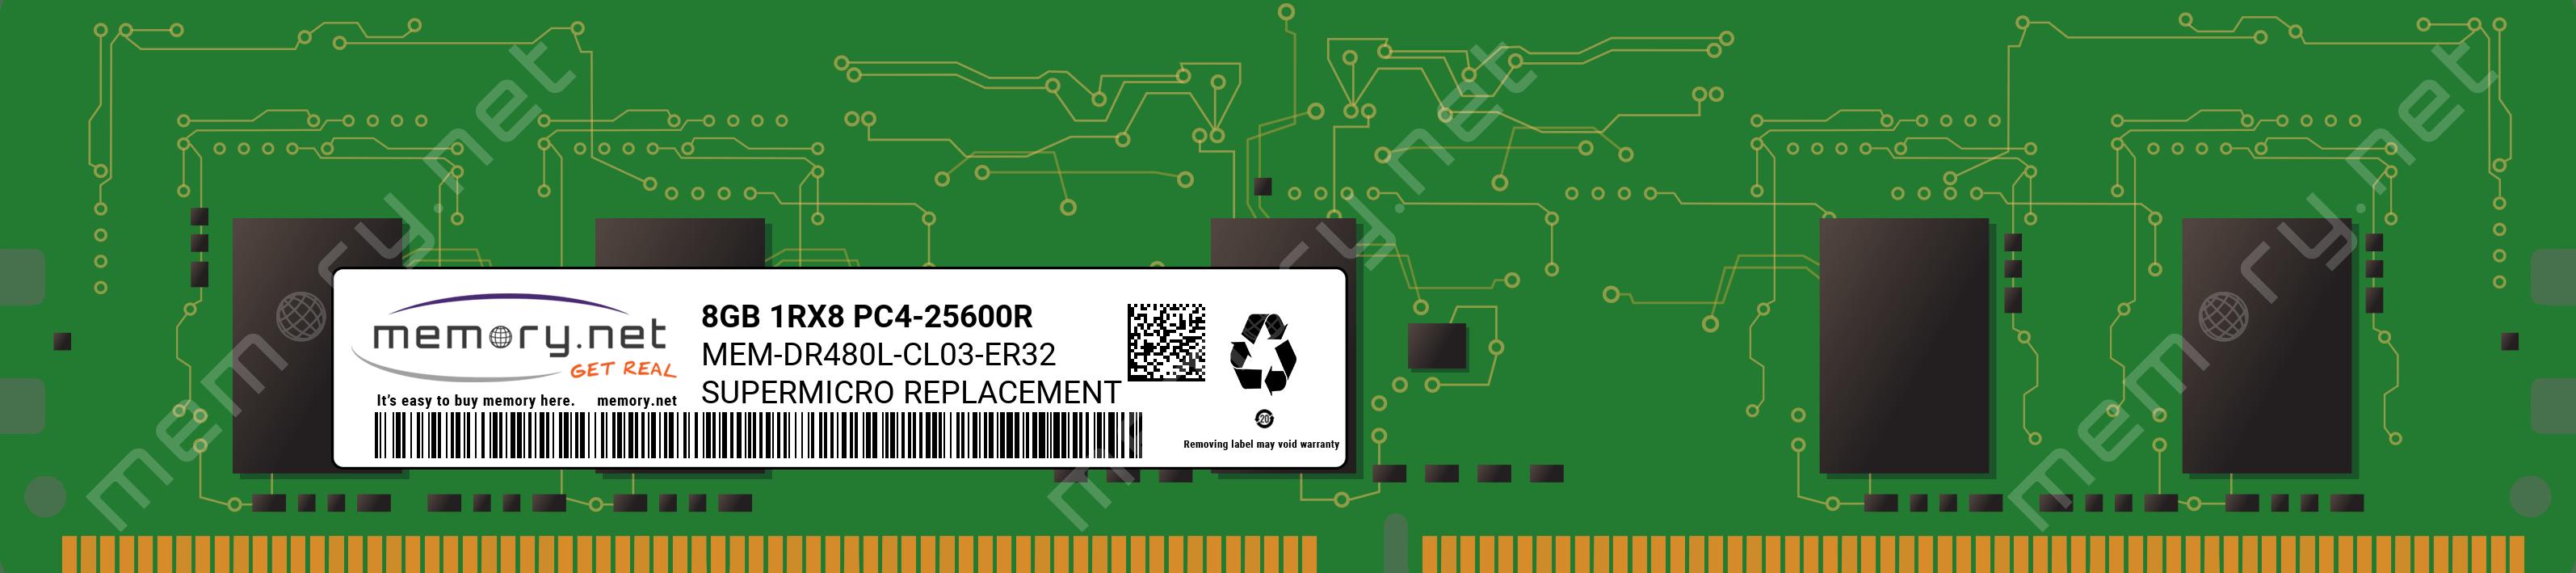 MEM-DR480L-CL03-ER32